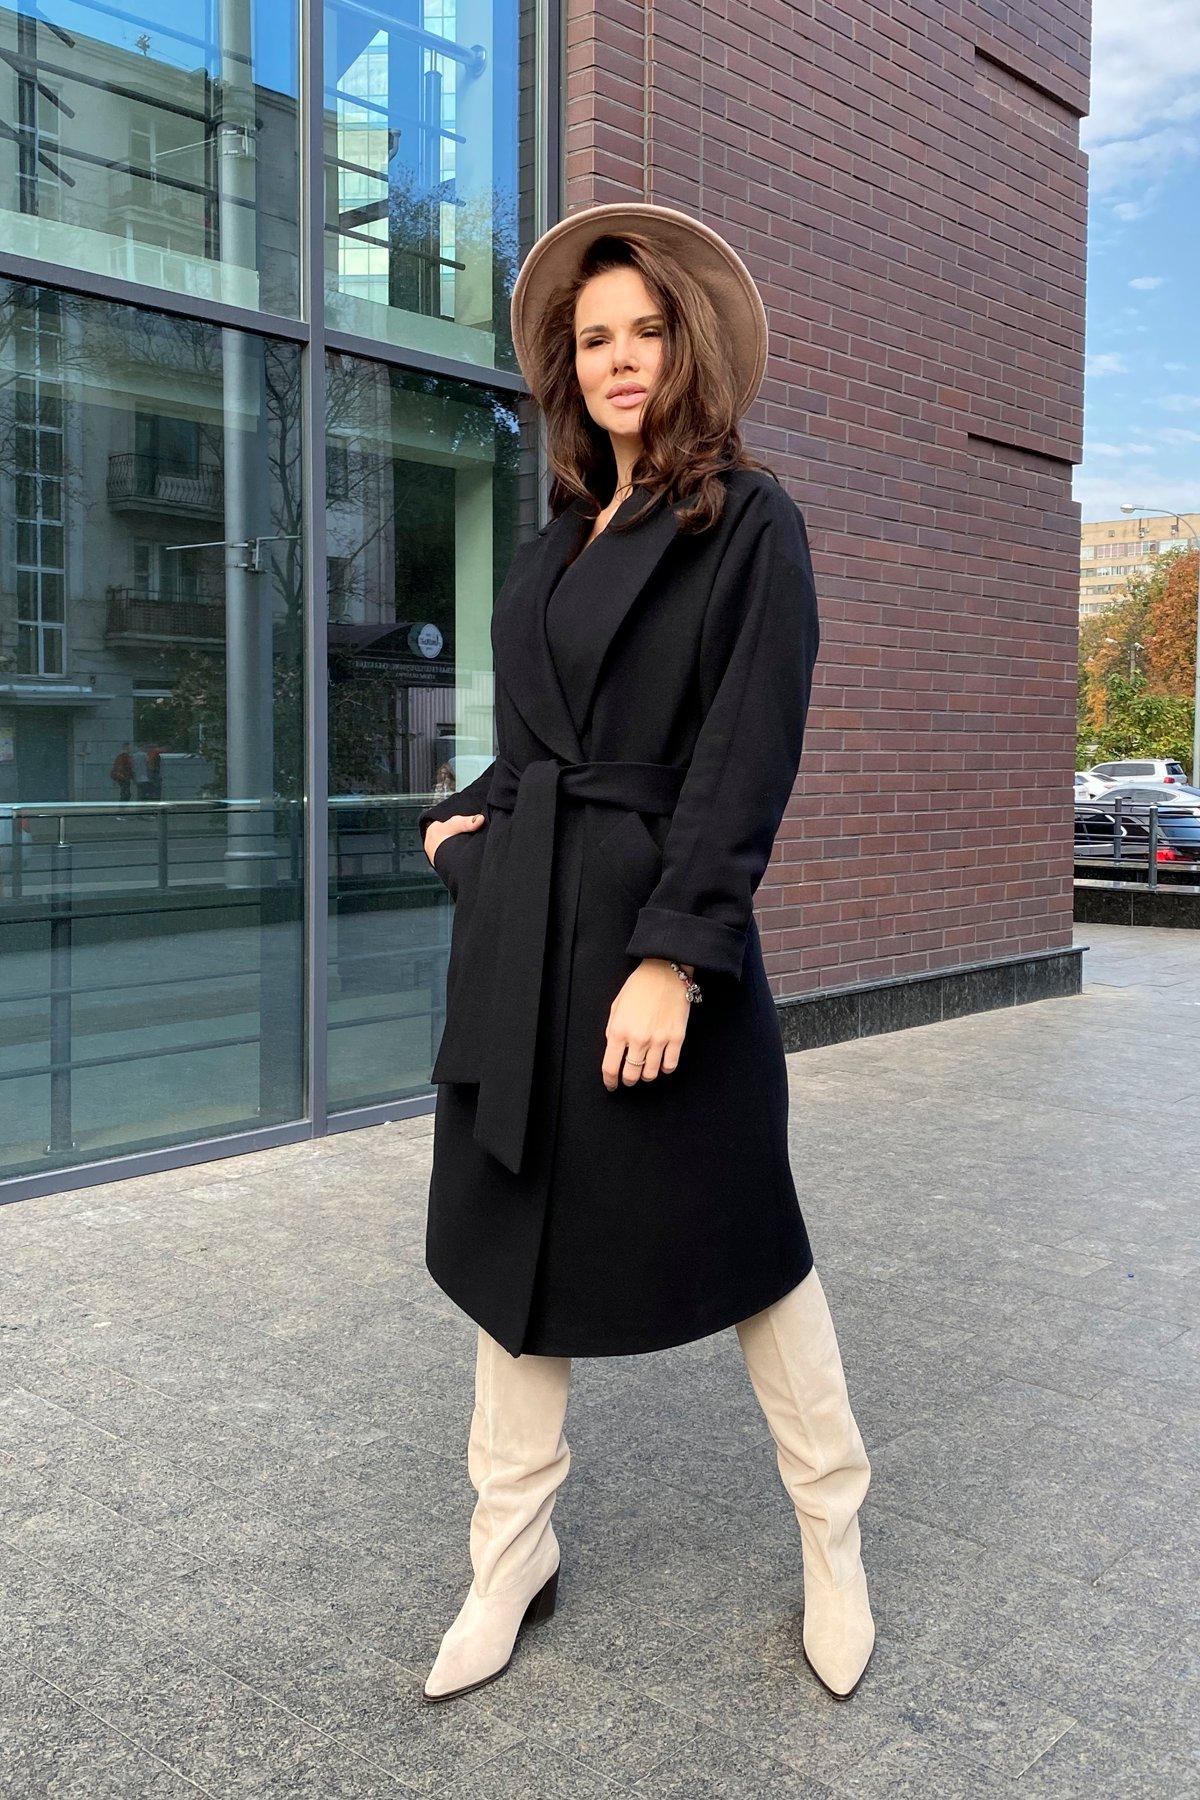 Влада памела пальто из кашемира 9962 АРТ. 46250 Цвет: Черный - фото 5, интернет магазин tm-modus.ru